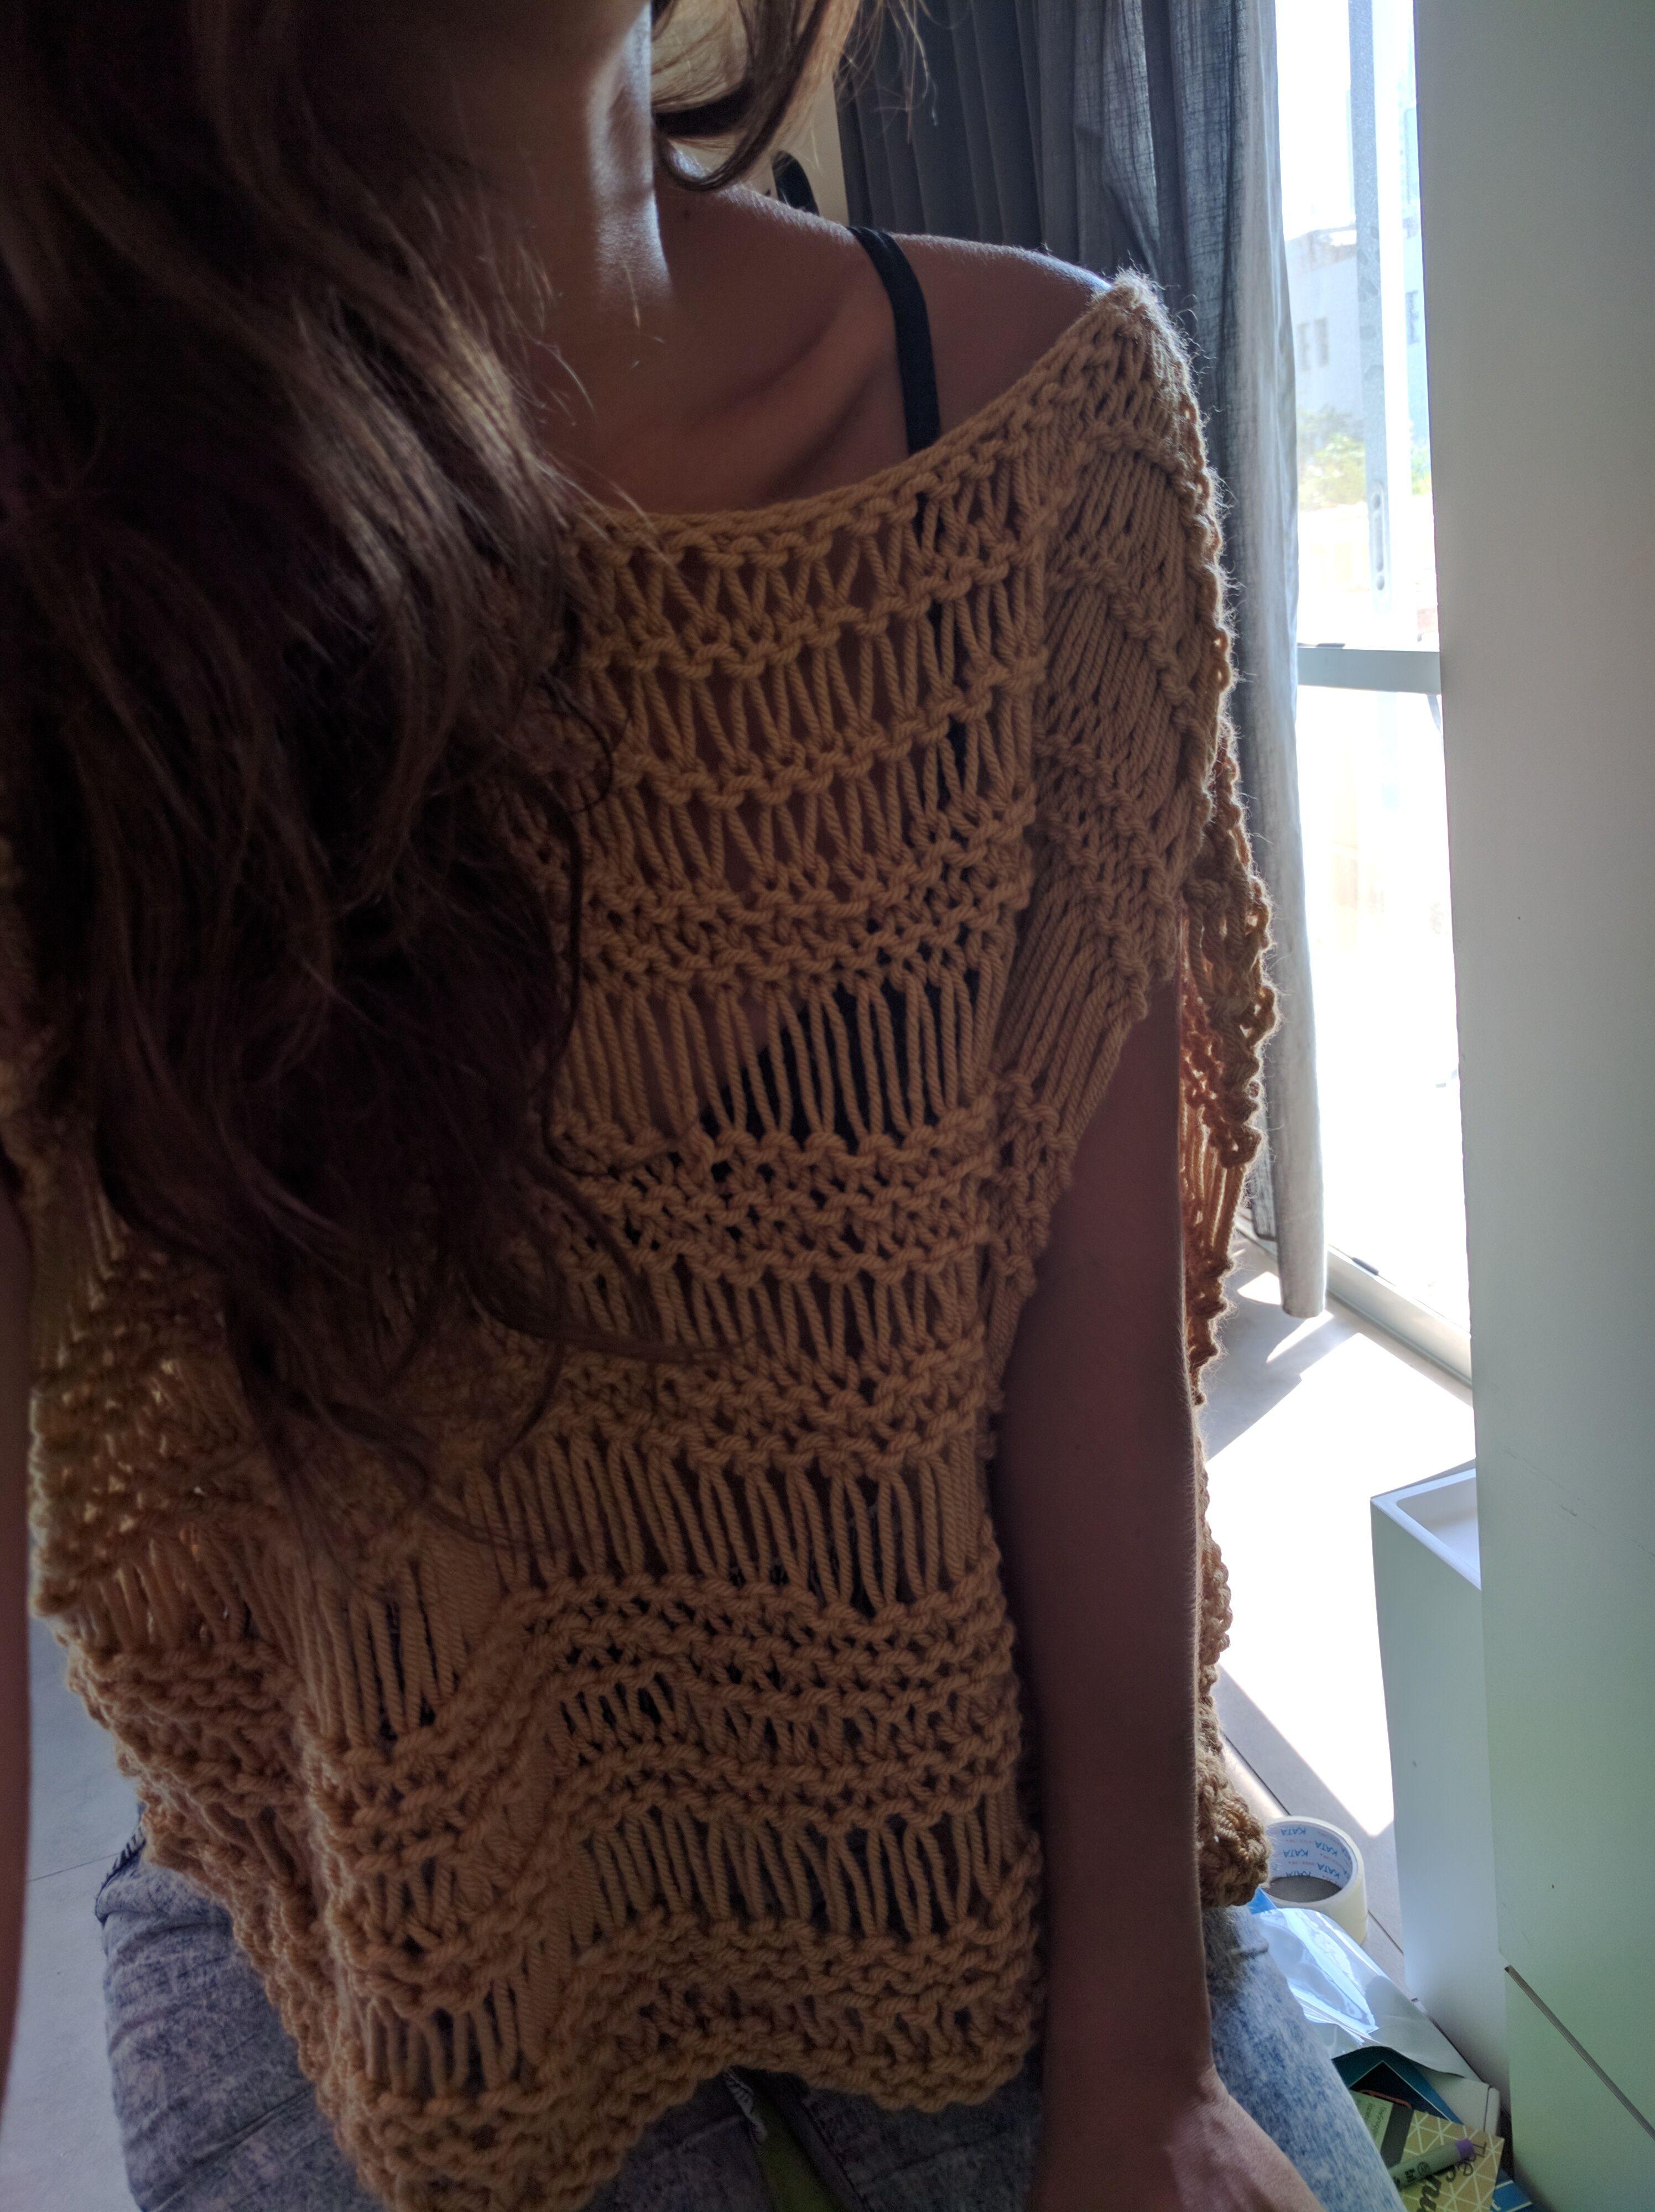 Dropped Stitch Top Pattern | Knitting patterns free ...